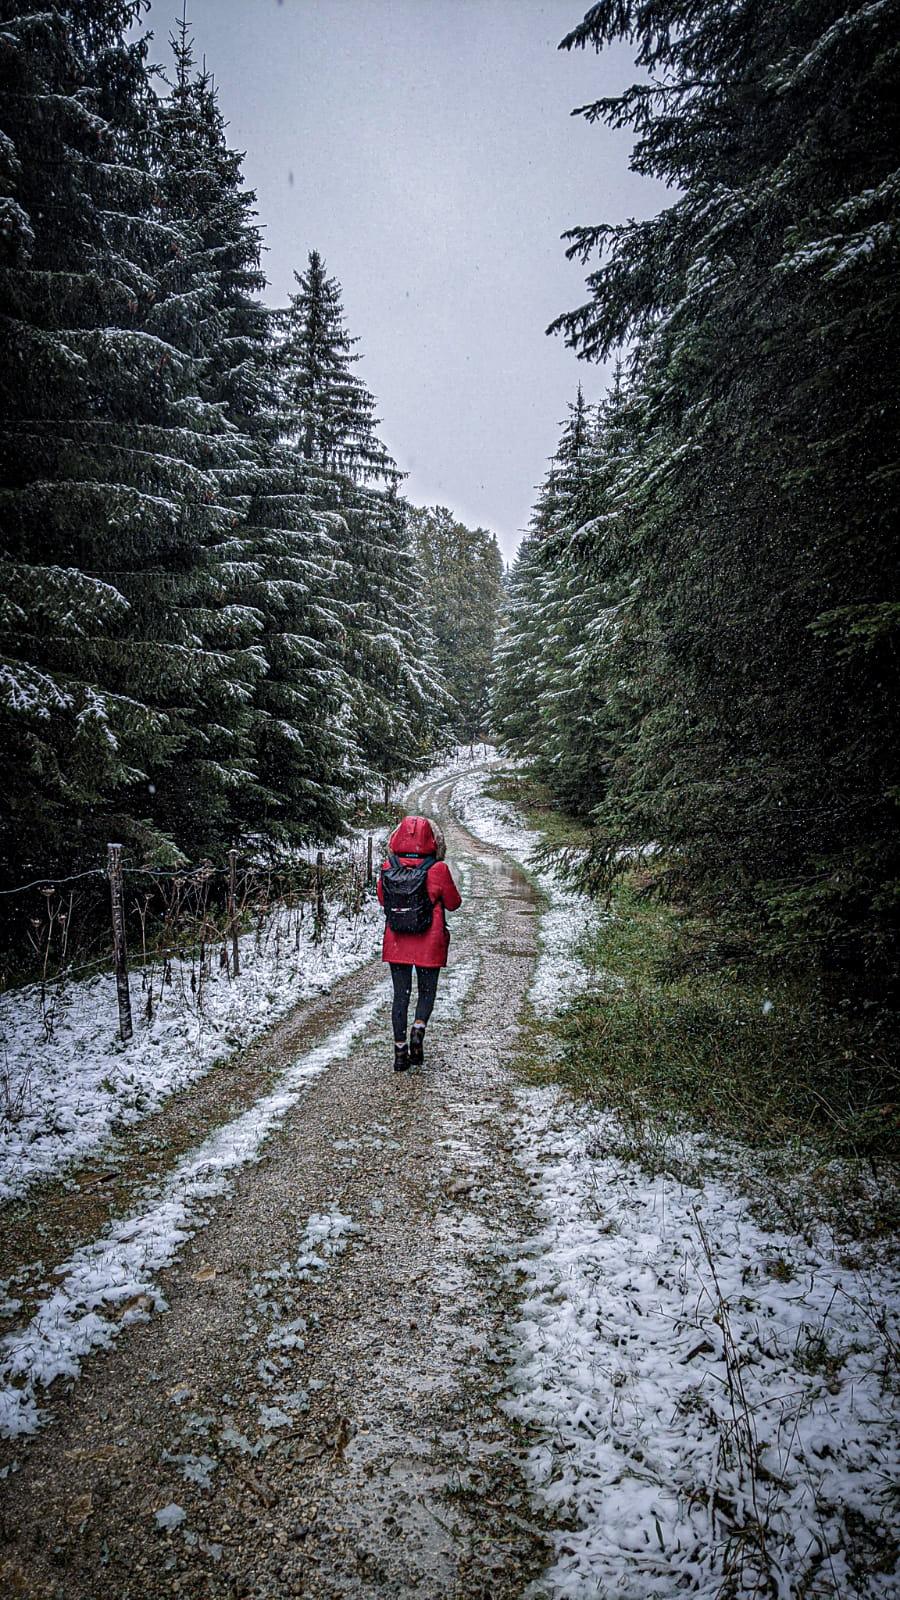 Sentier sapins virage lykorne neige